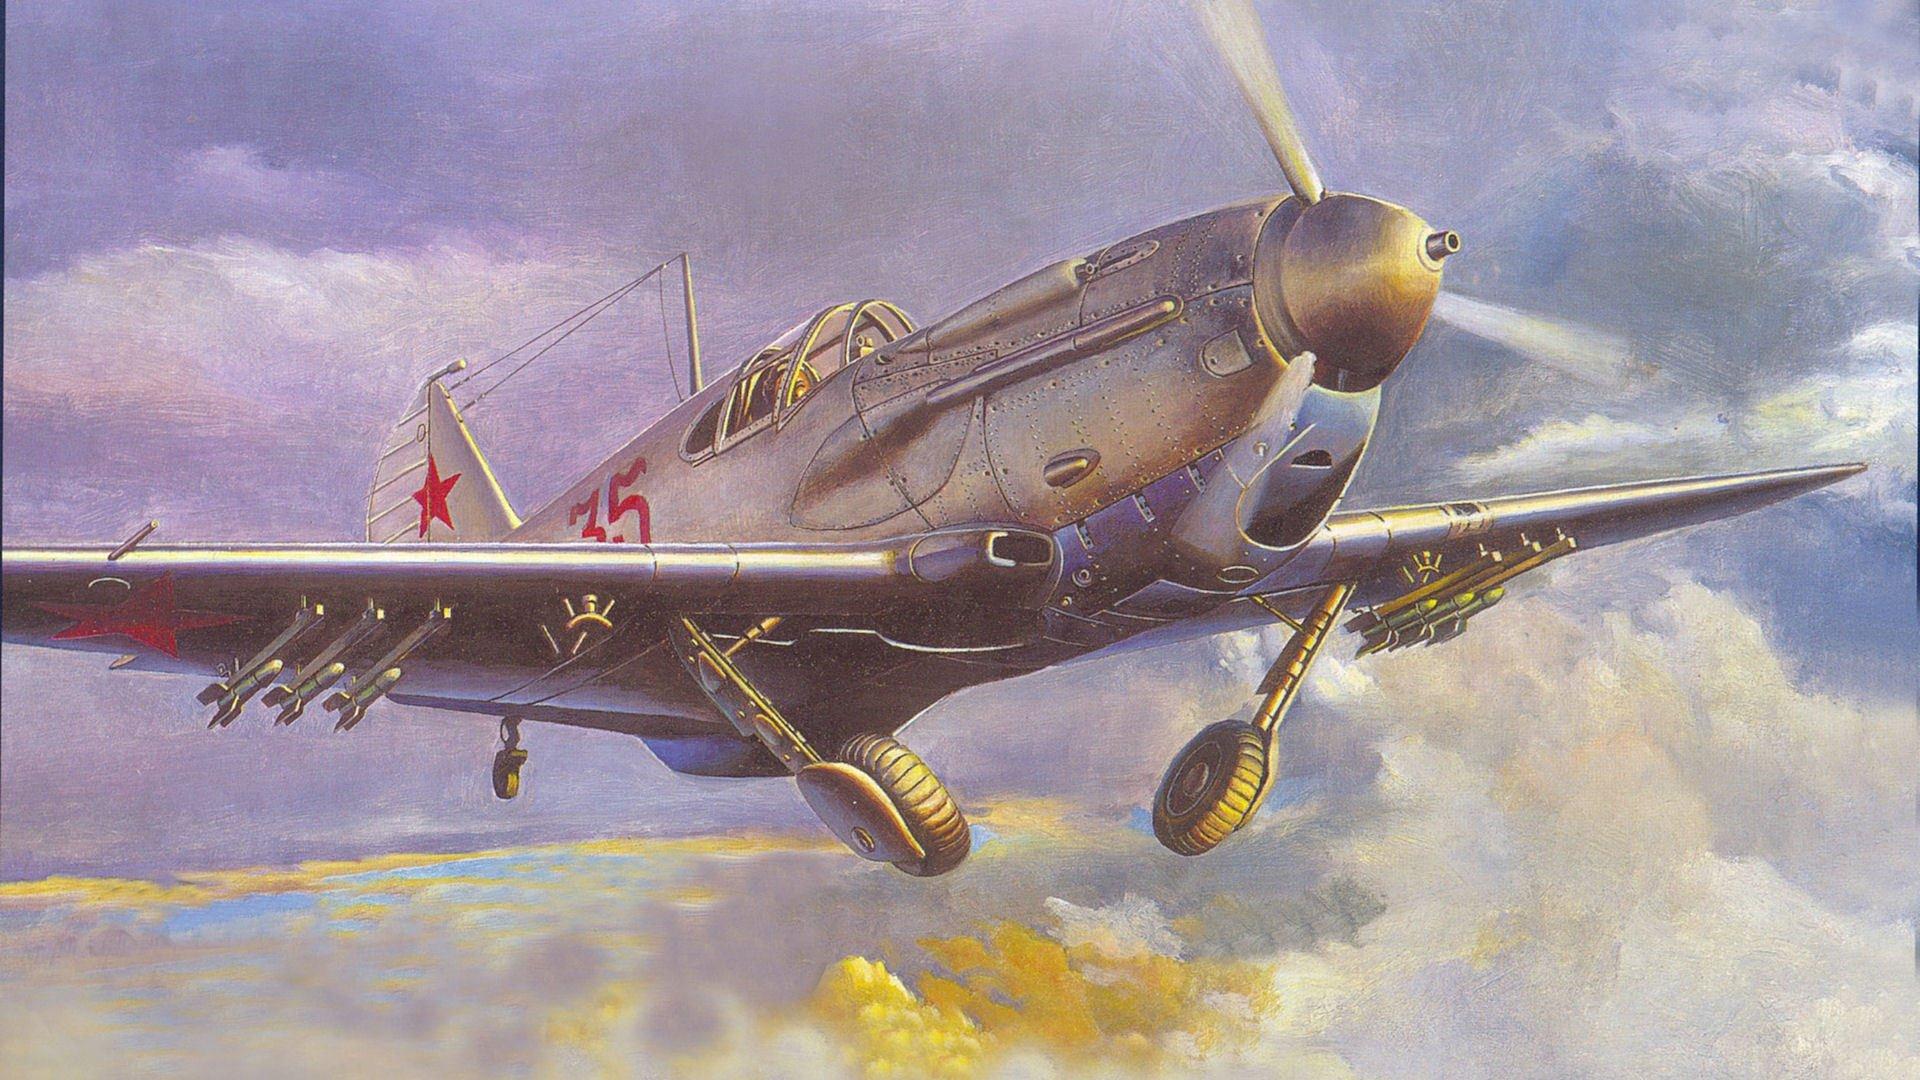 Обои ла-7, советский, одномоторный, одноместный, лавочкин. Авиация foto 8